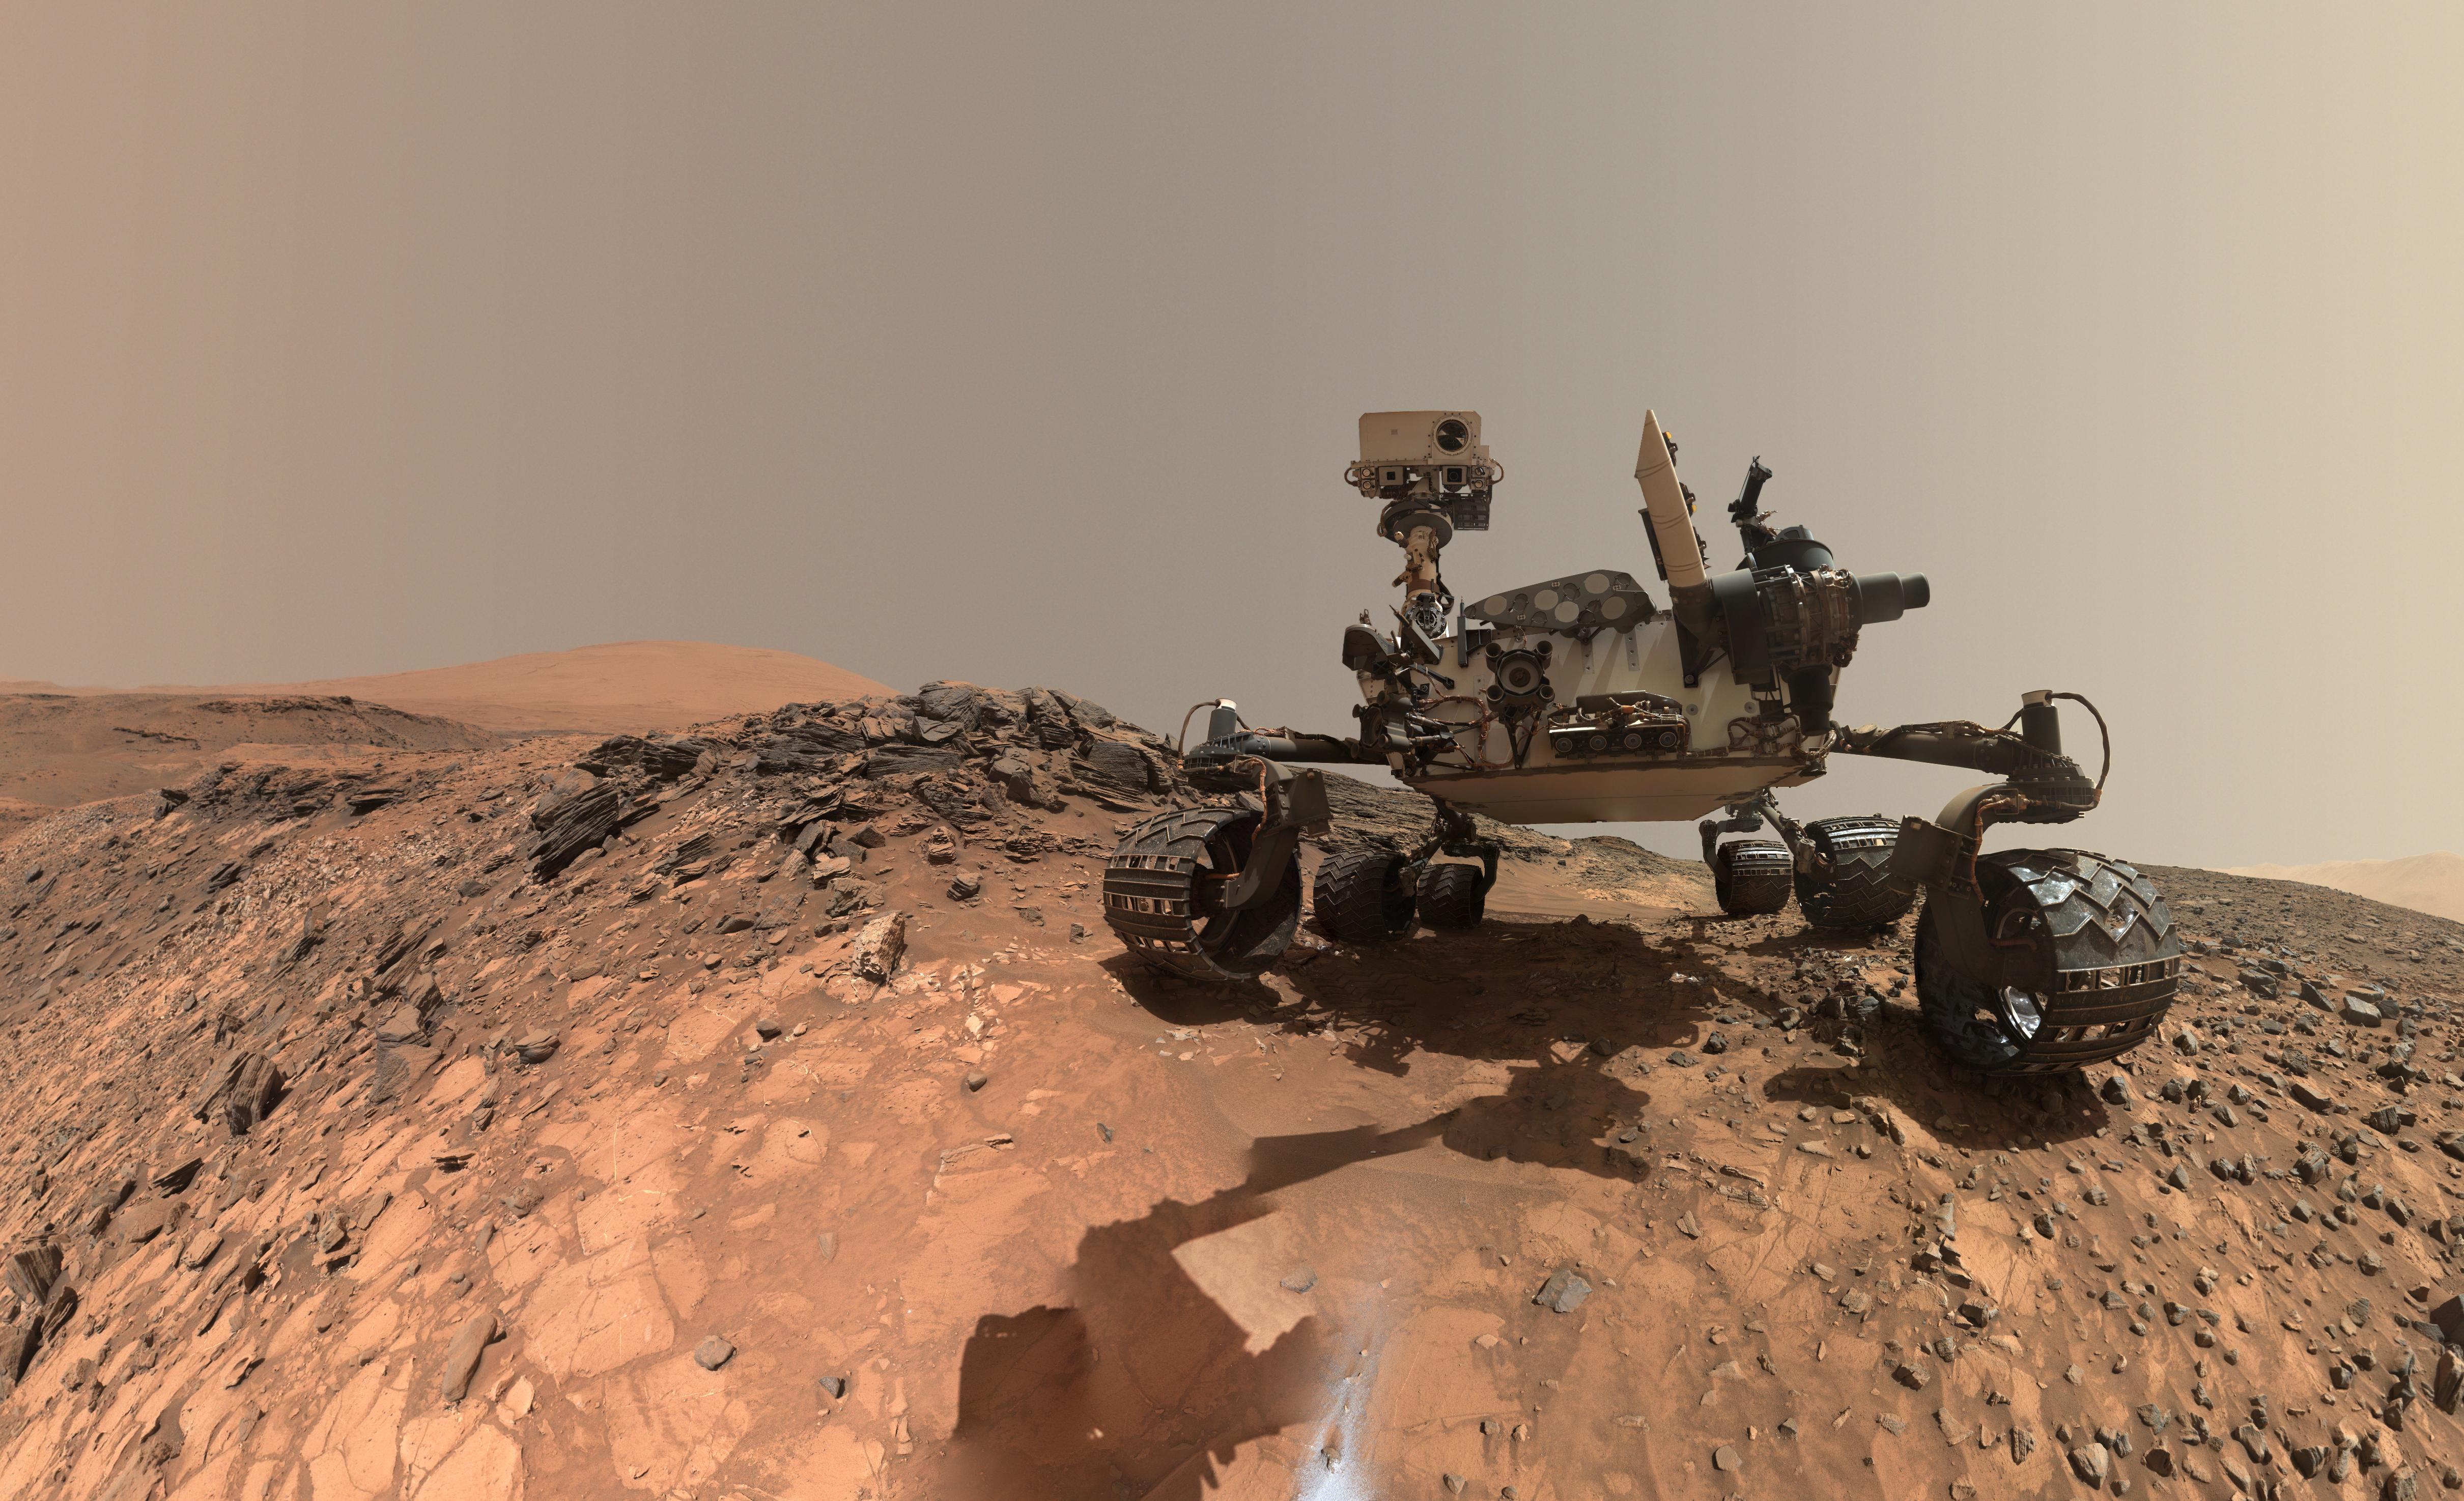 Life on mars last planet i kissed dating